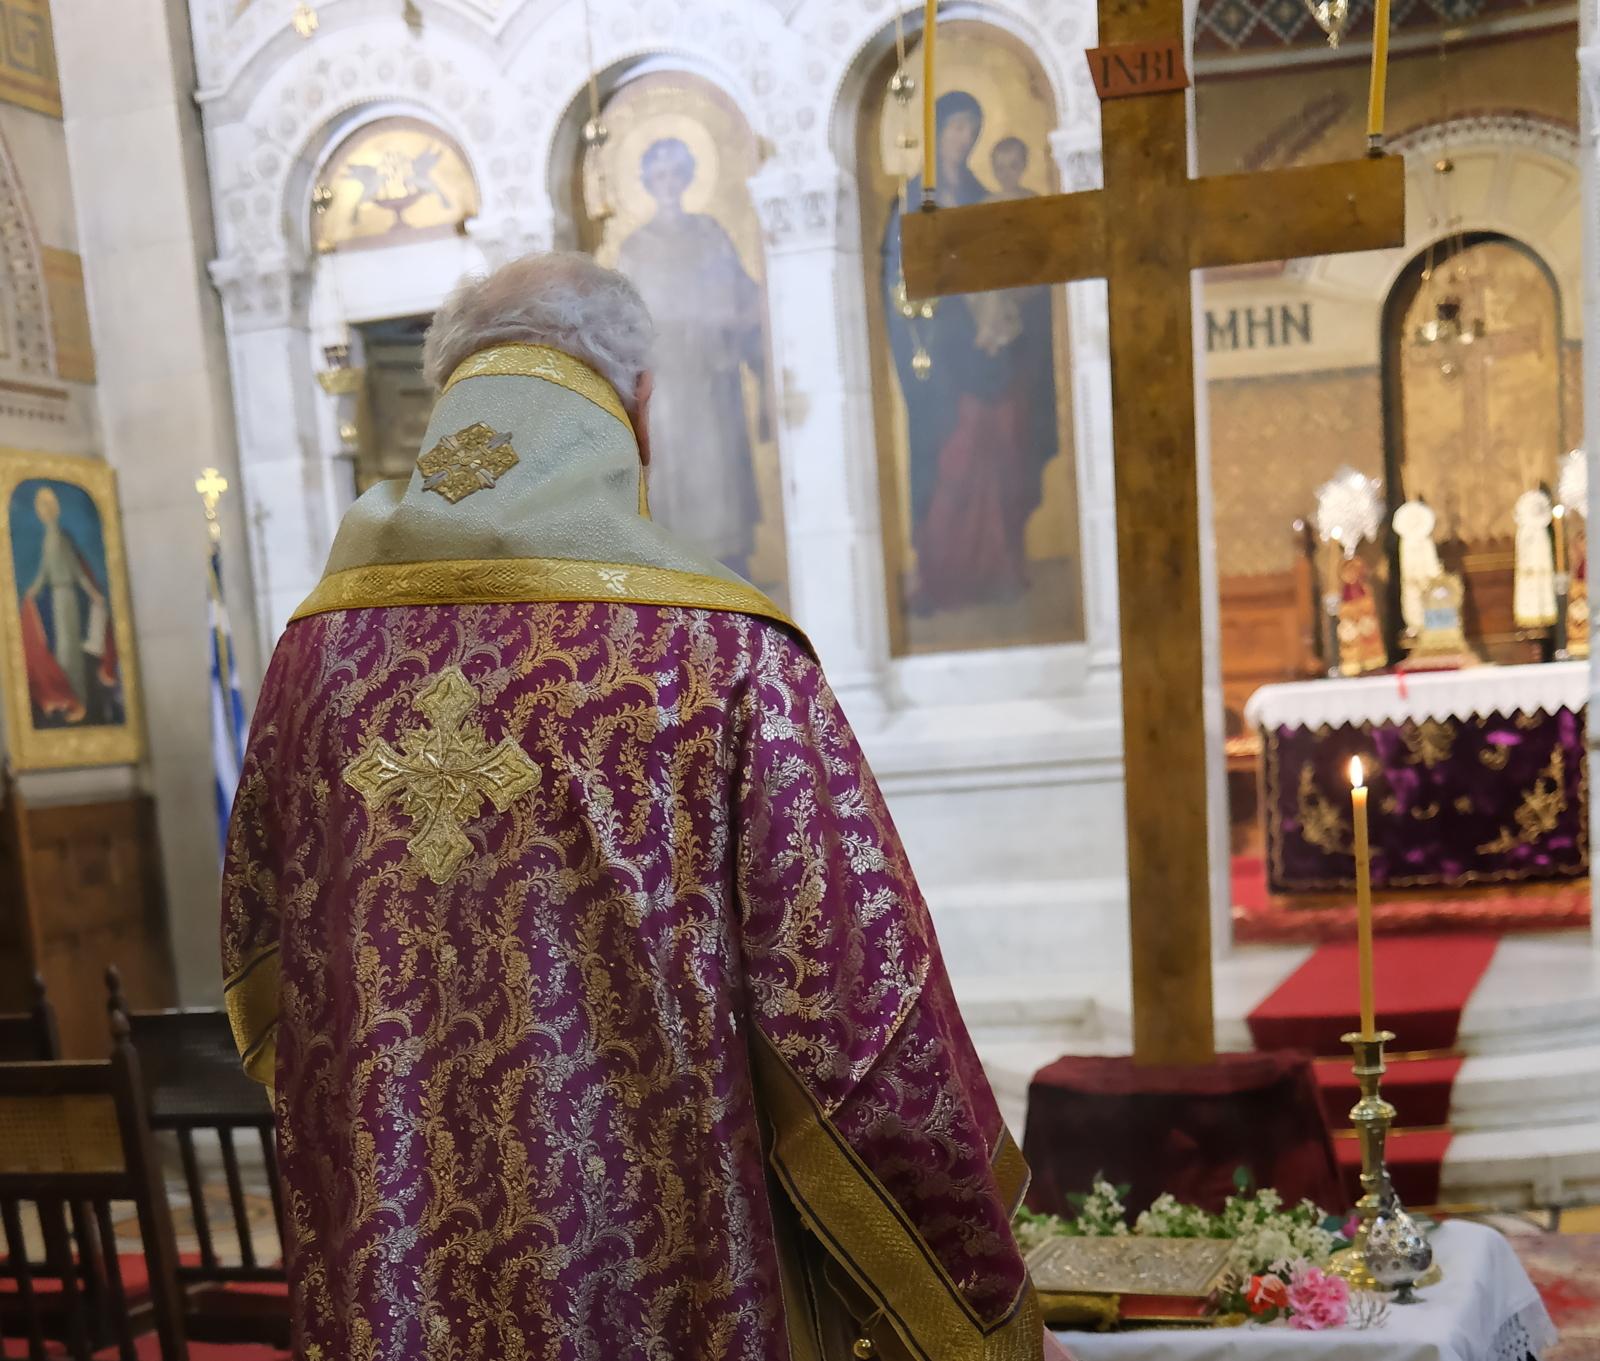 DSCF6725  - Μεγάλη Παρασκευή στον Άγιο Στέφανο Παρισίων (φωτο)